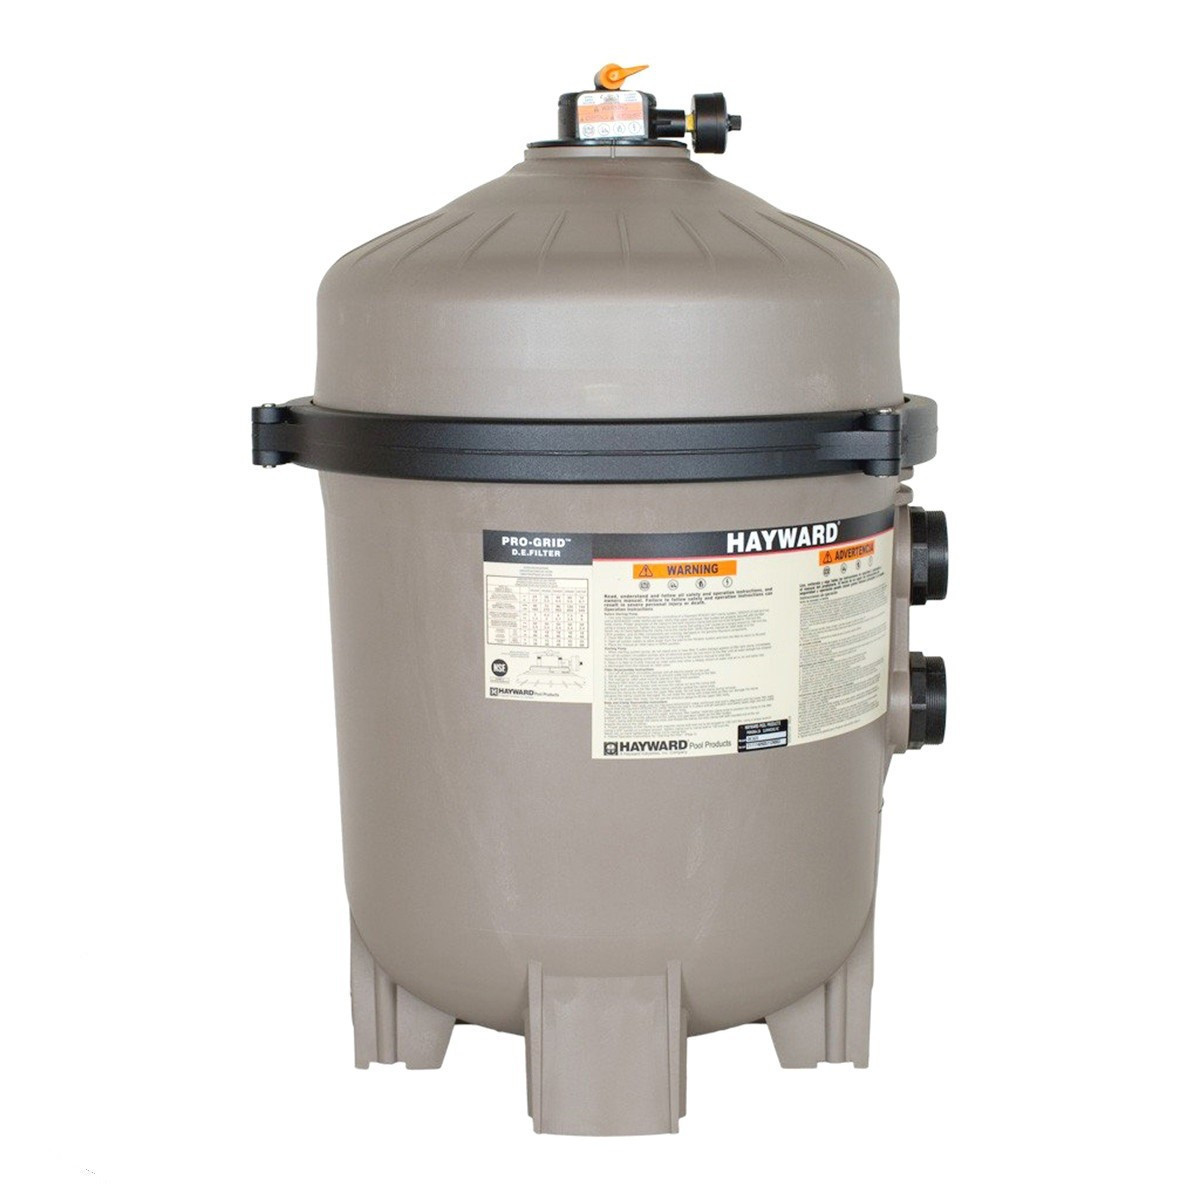 Фильтр Hayward ProGrid DE4820 (22 м3/ч D660) для бассейна с объёмом воды до 90 м3